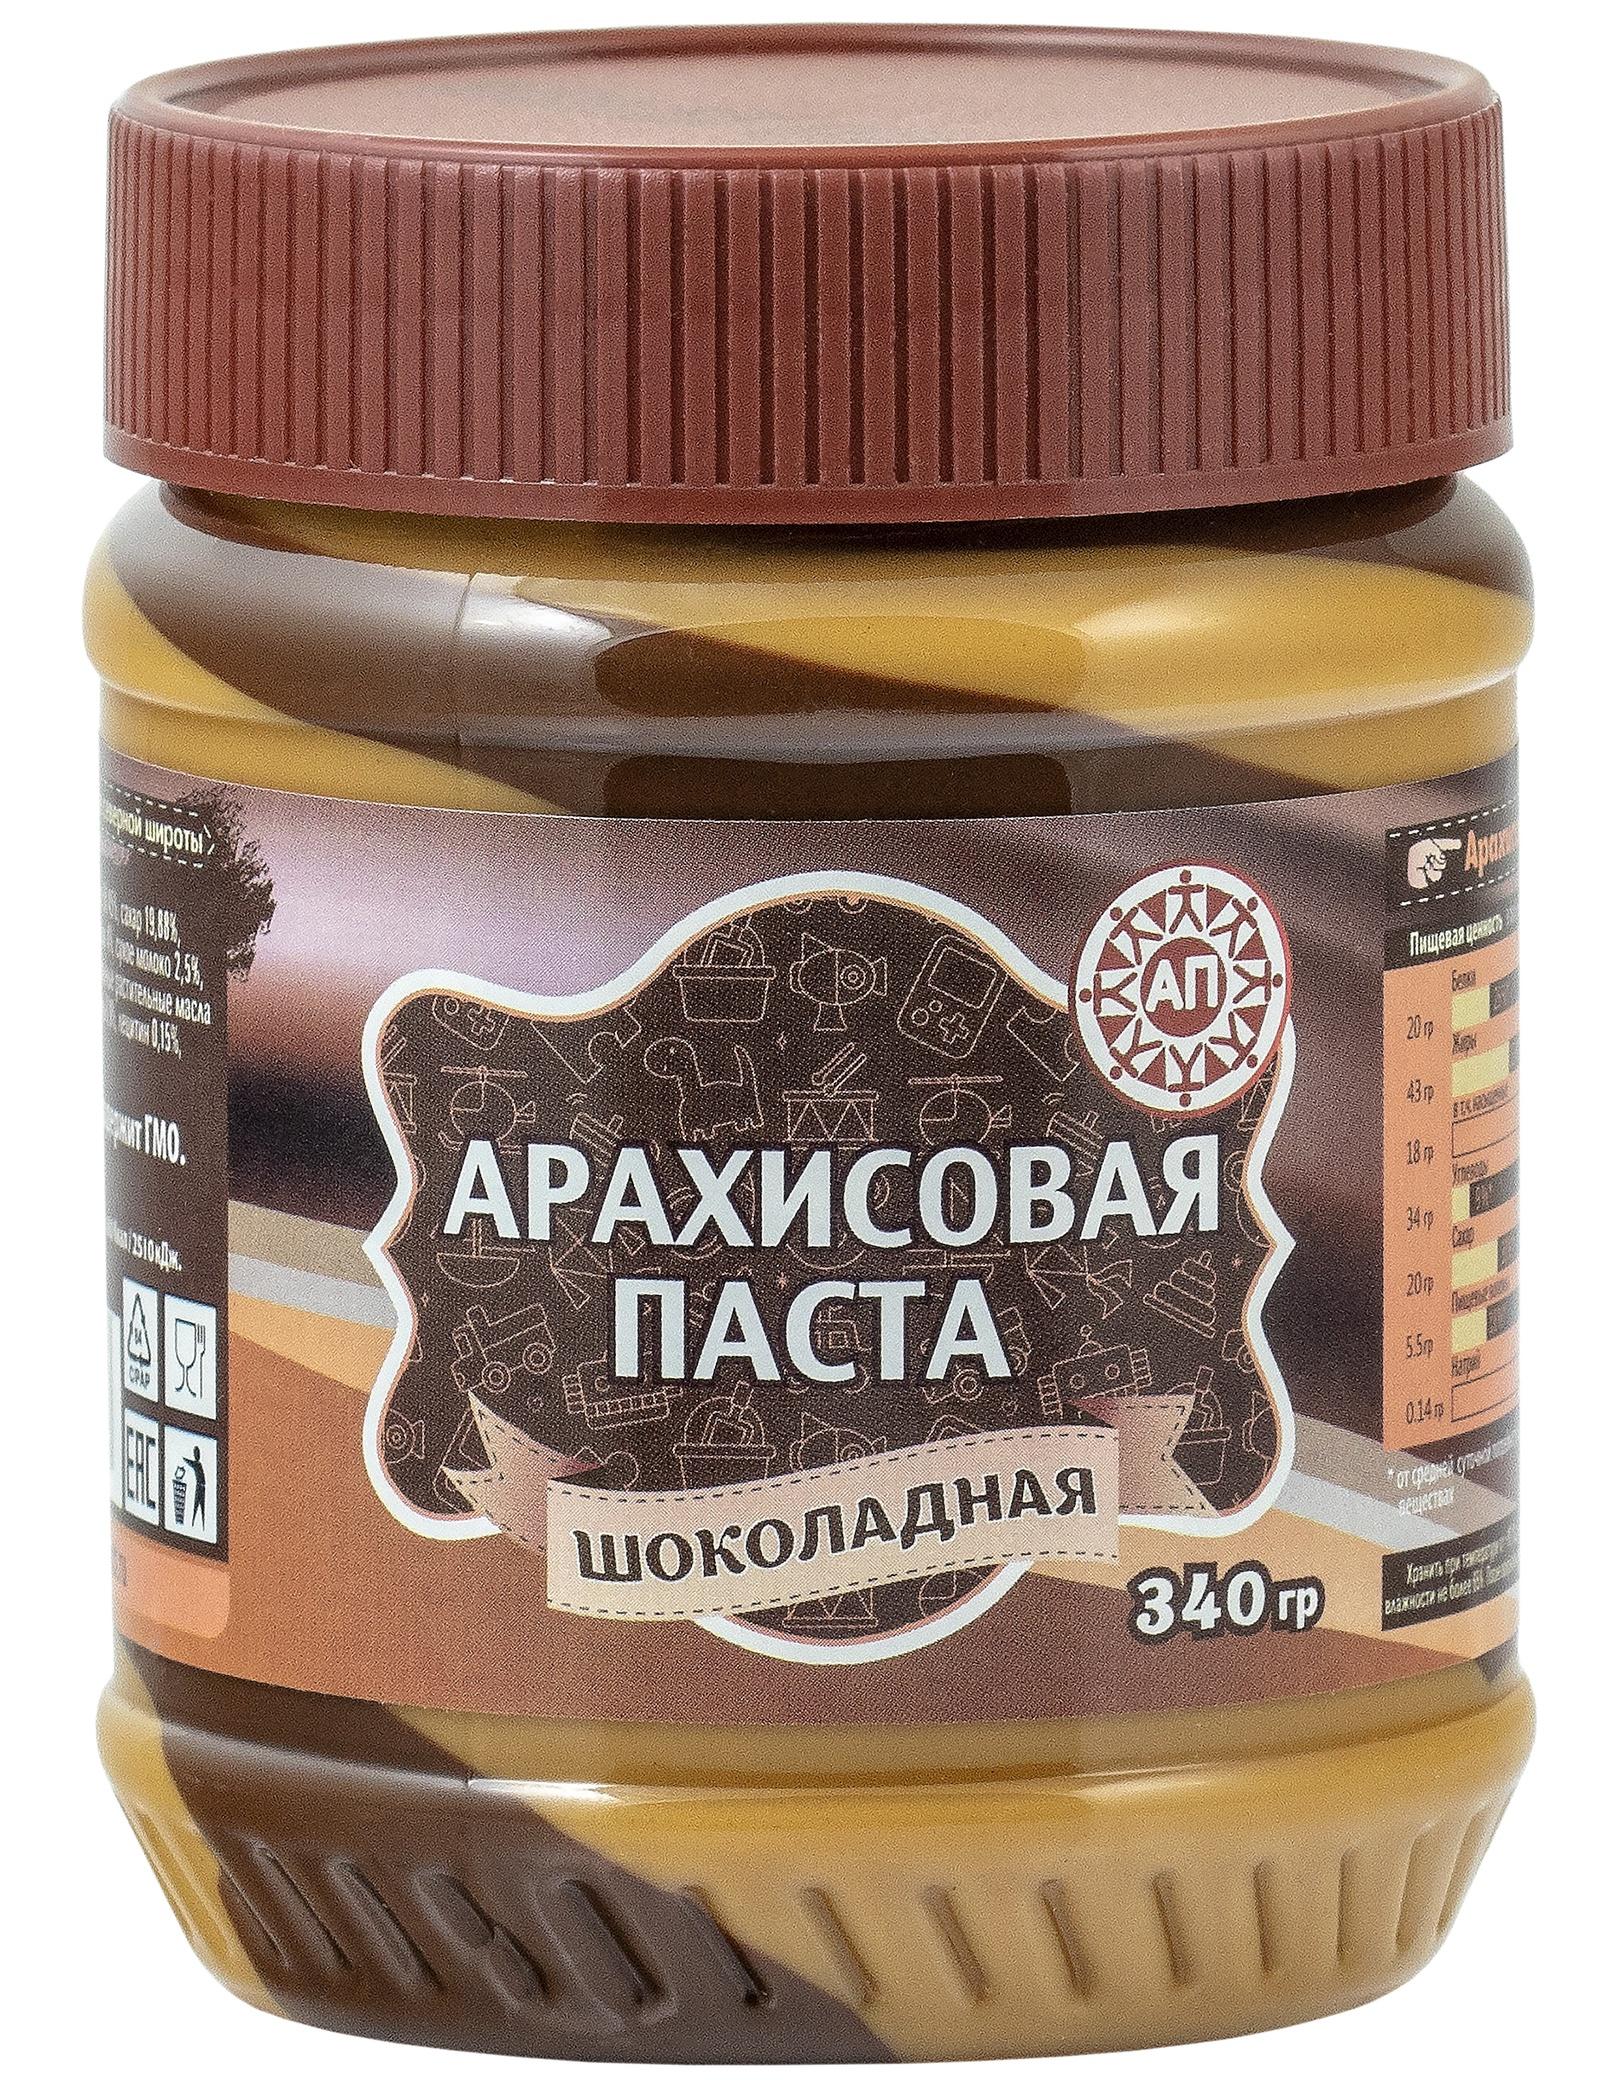 Ореховая паста АП Шоколадная, Арахисово-шоколадная паста